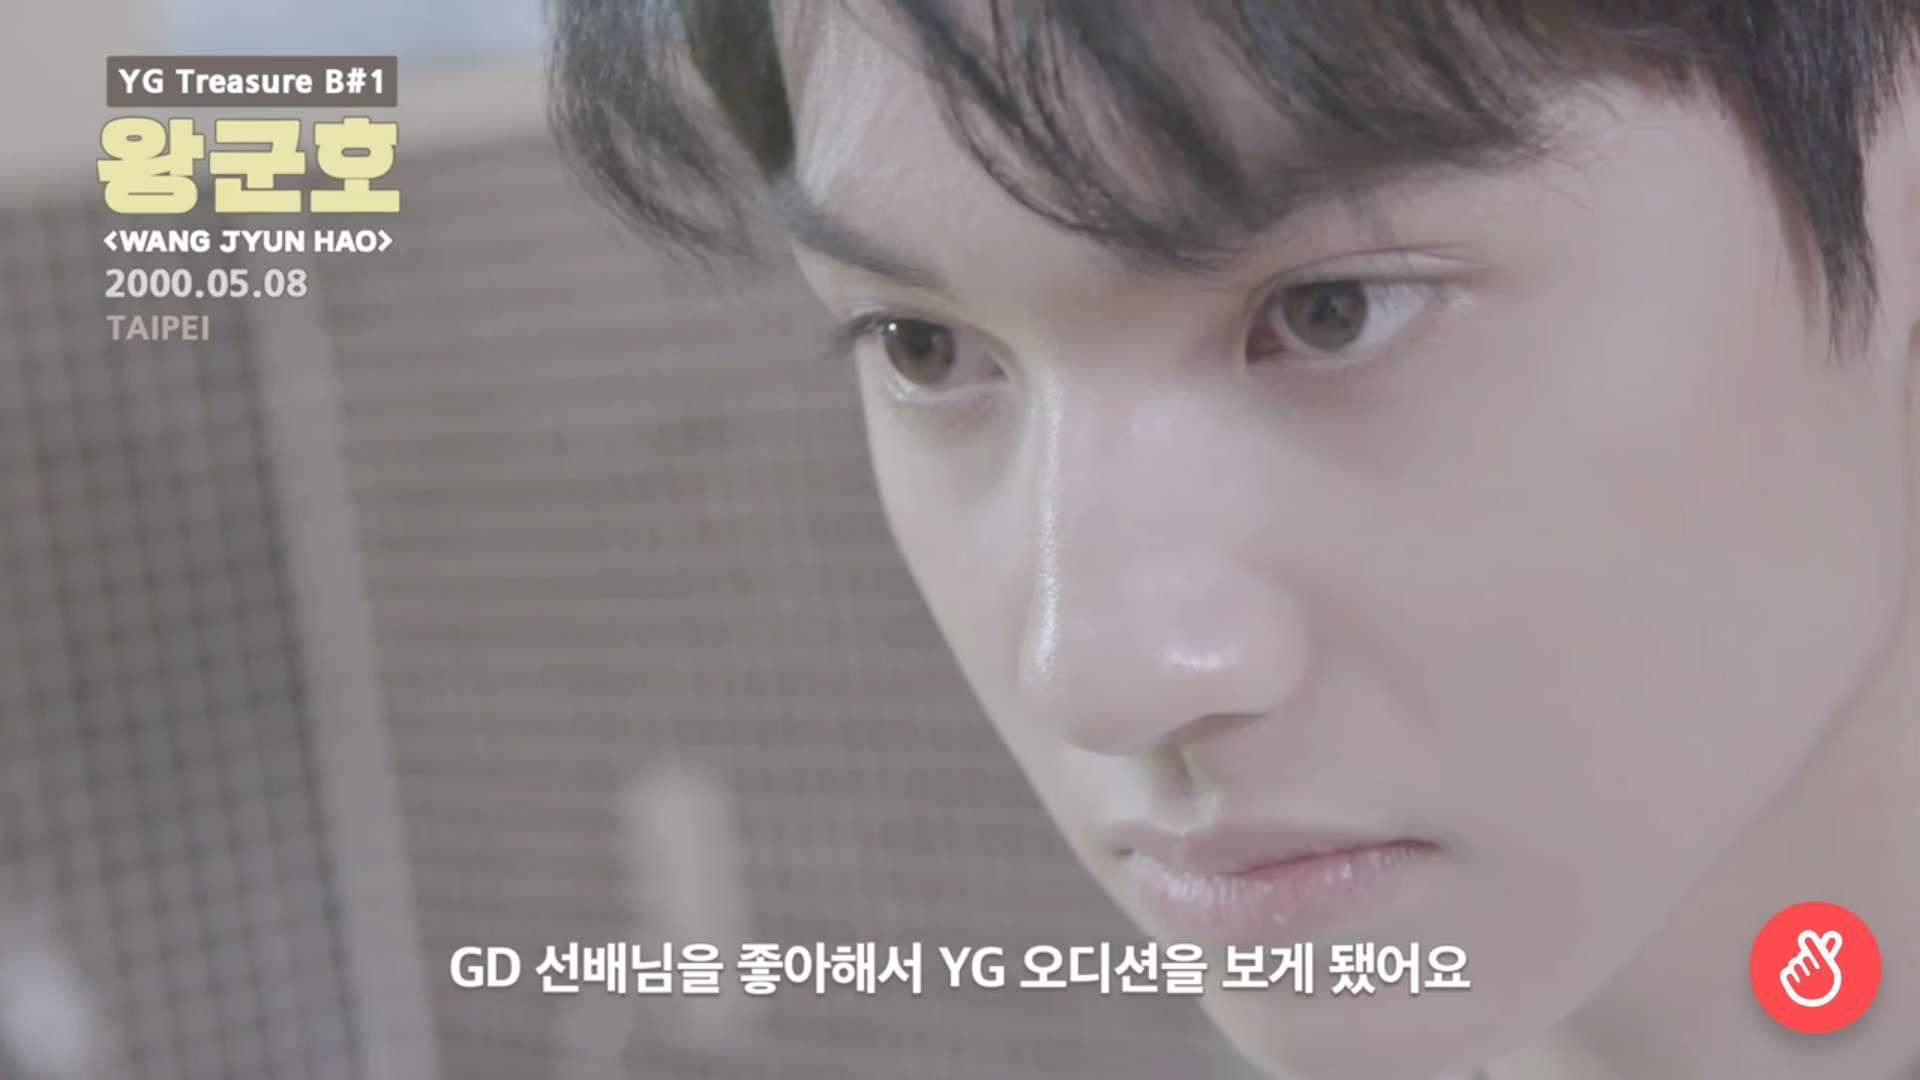 在自我介紹影片中,他說了自己來自台北,是練習生齡3個月的新手練習生,因為喜歡GD而想成為歌手,於是在看到YG的徵選後便報名參加了!